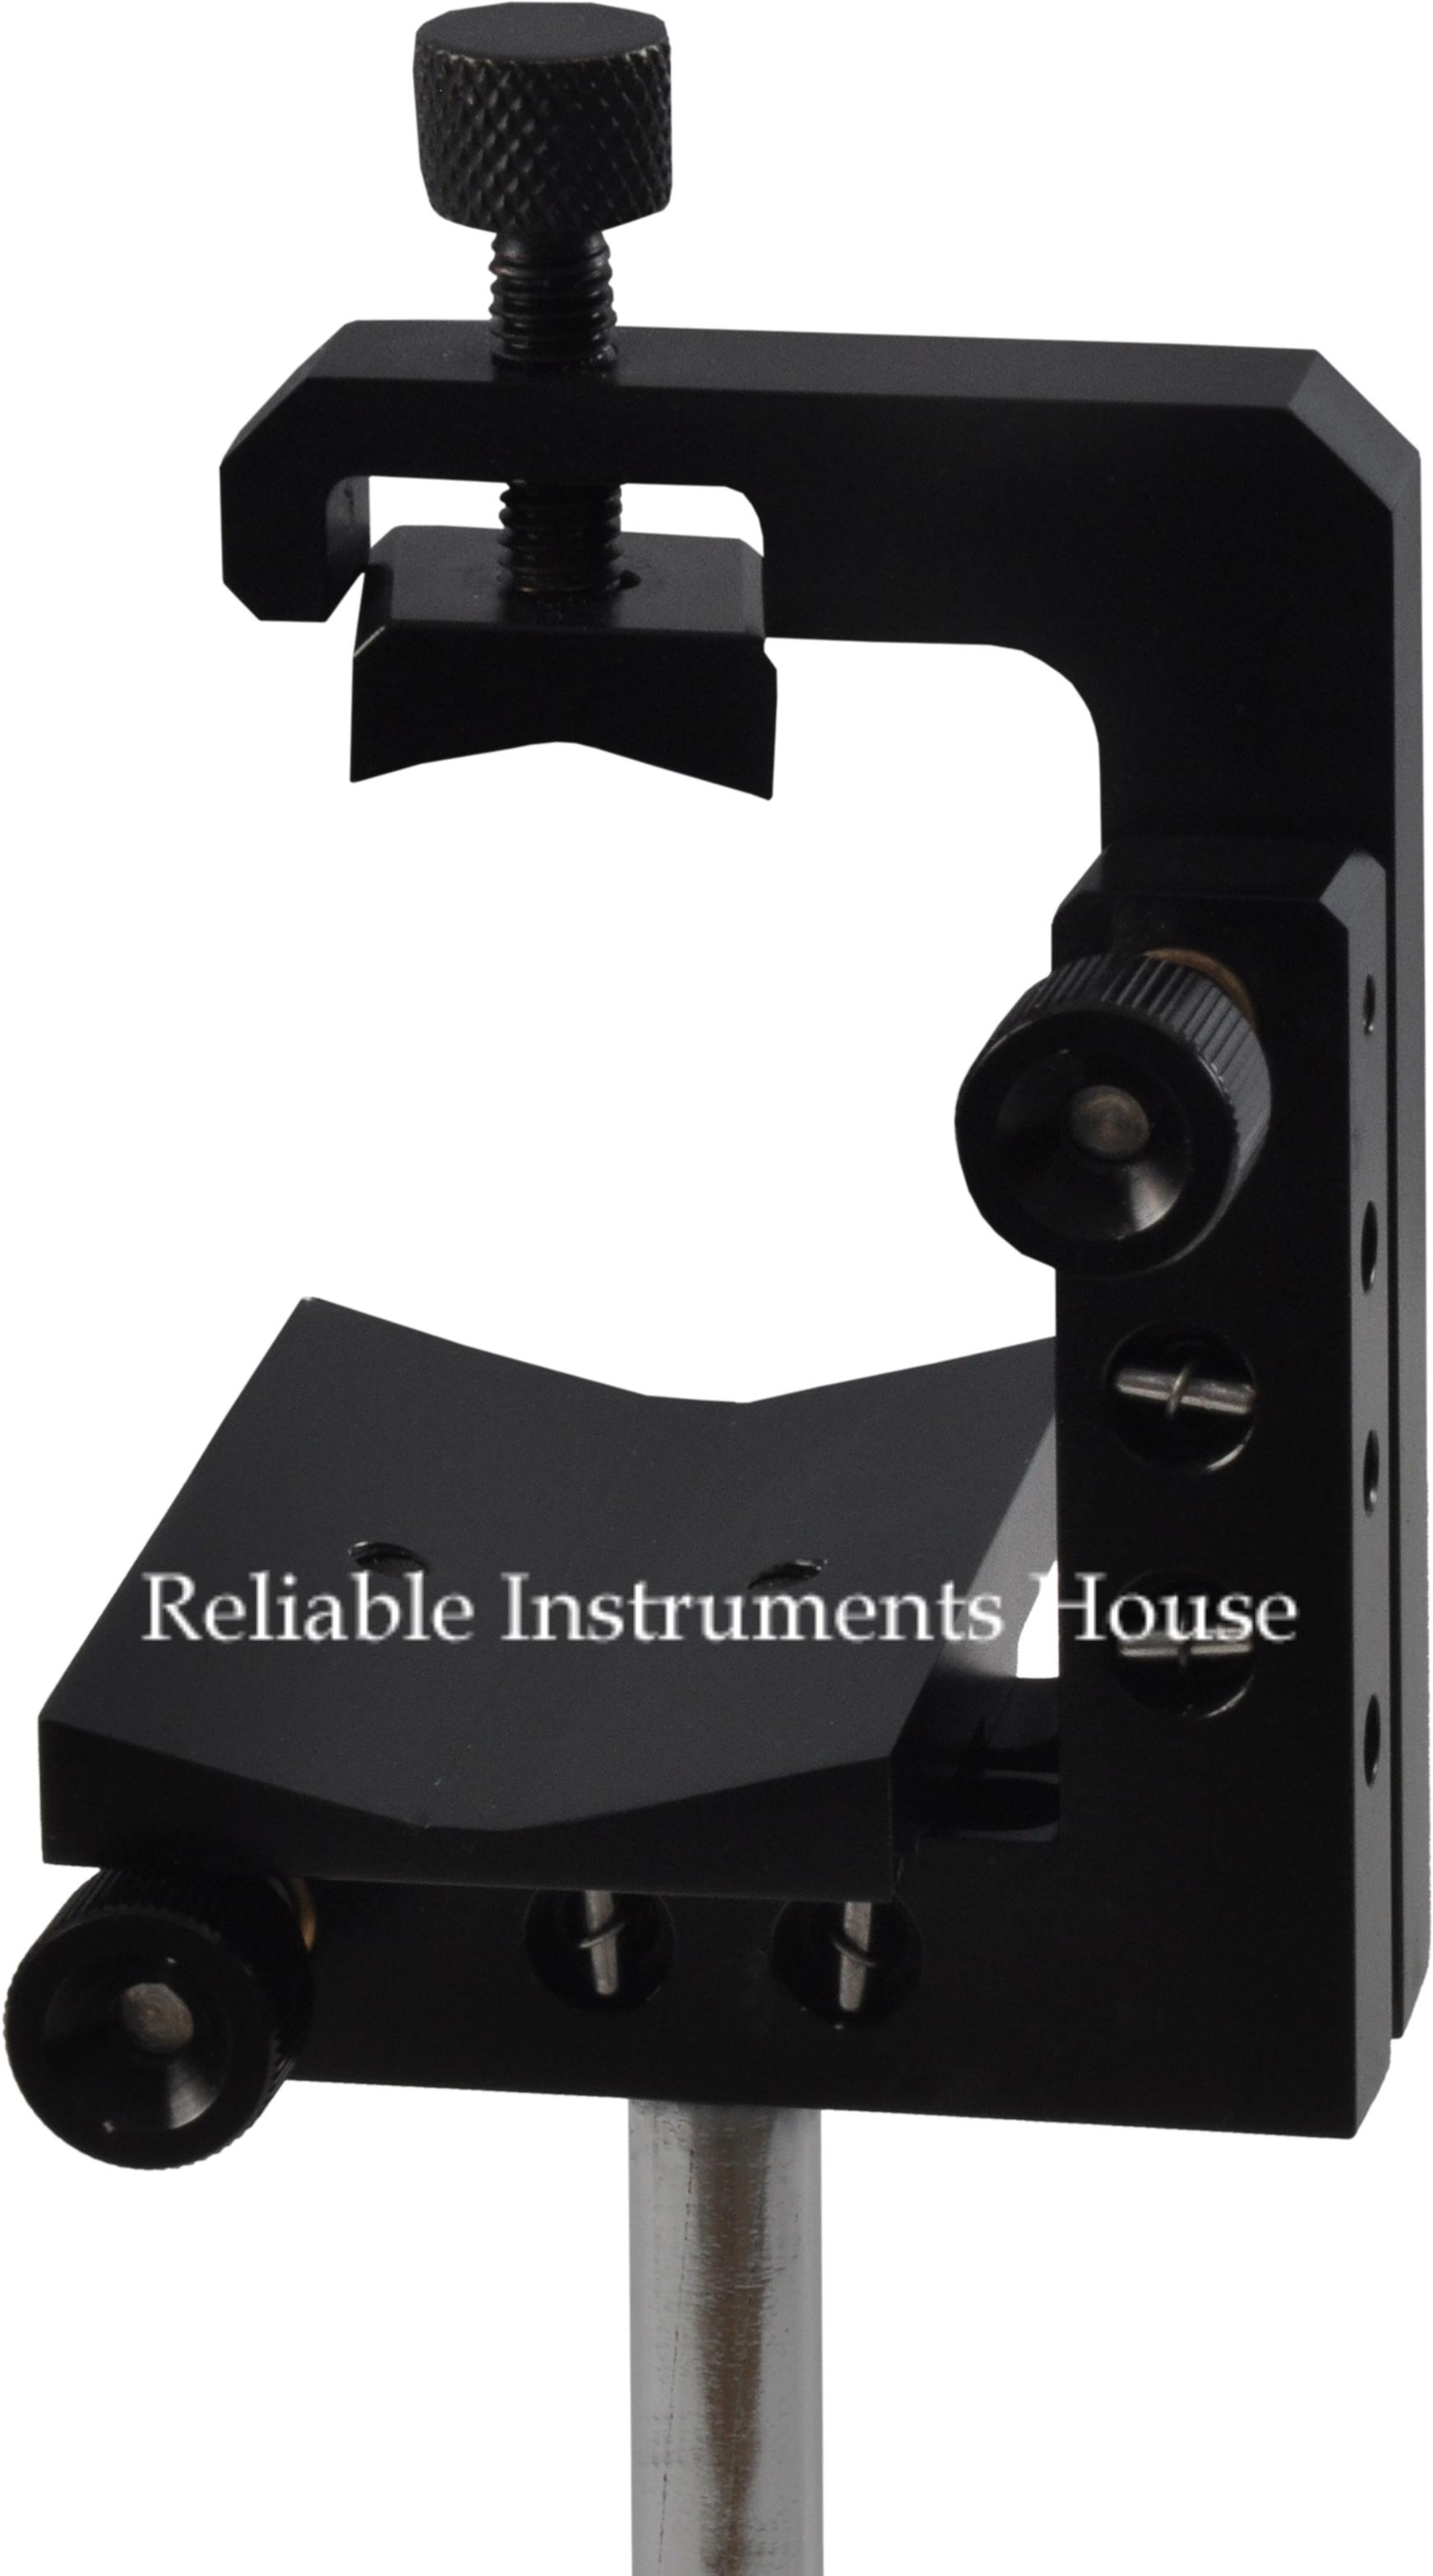 Laser Holder for He-Ne Laser OM-1577 Image